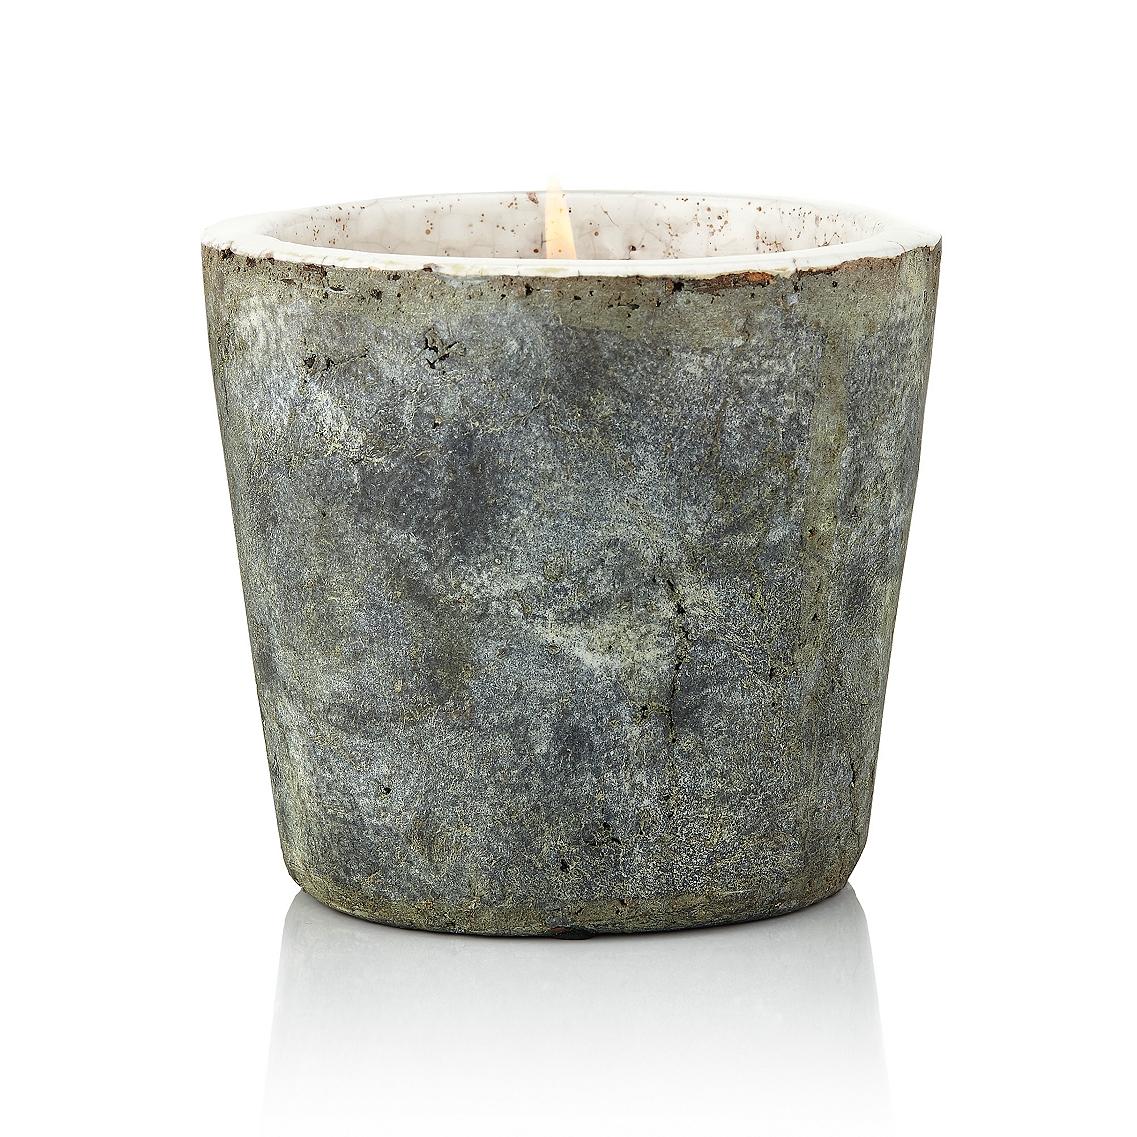 Coriander & Citronella Outdoor Candle , The White Company £35